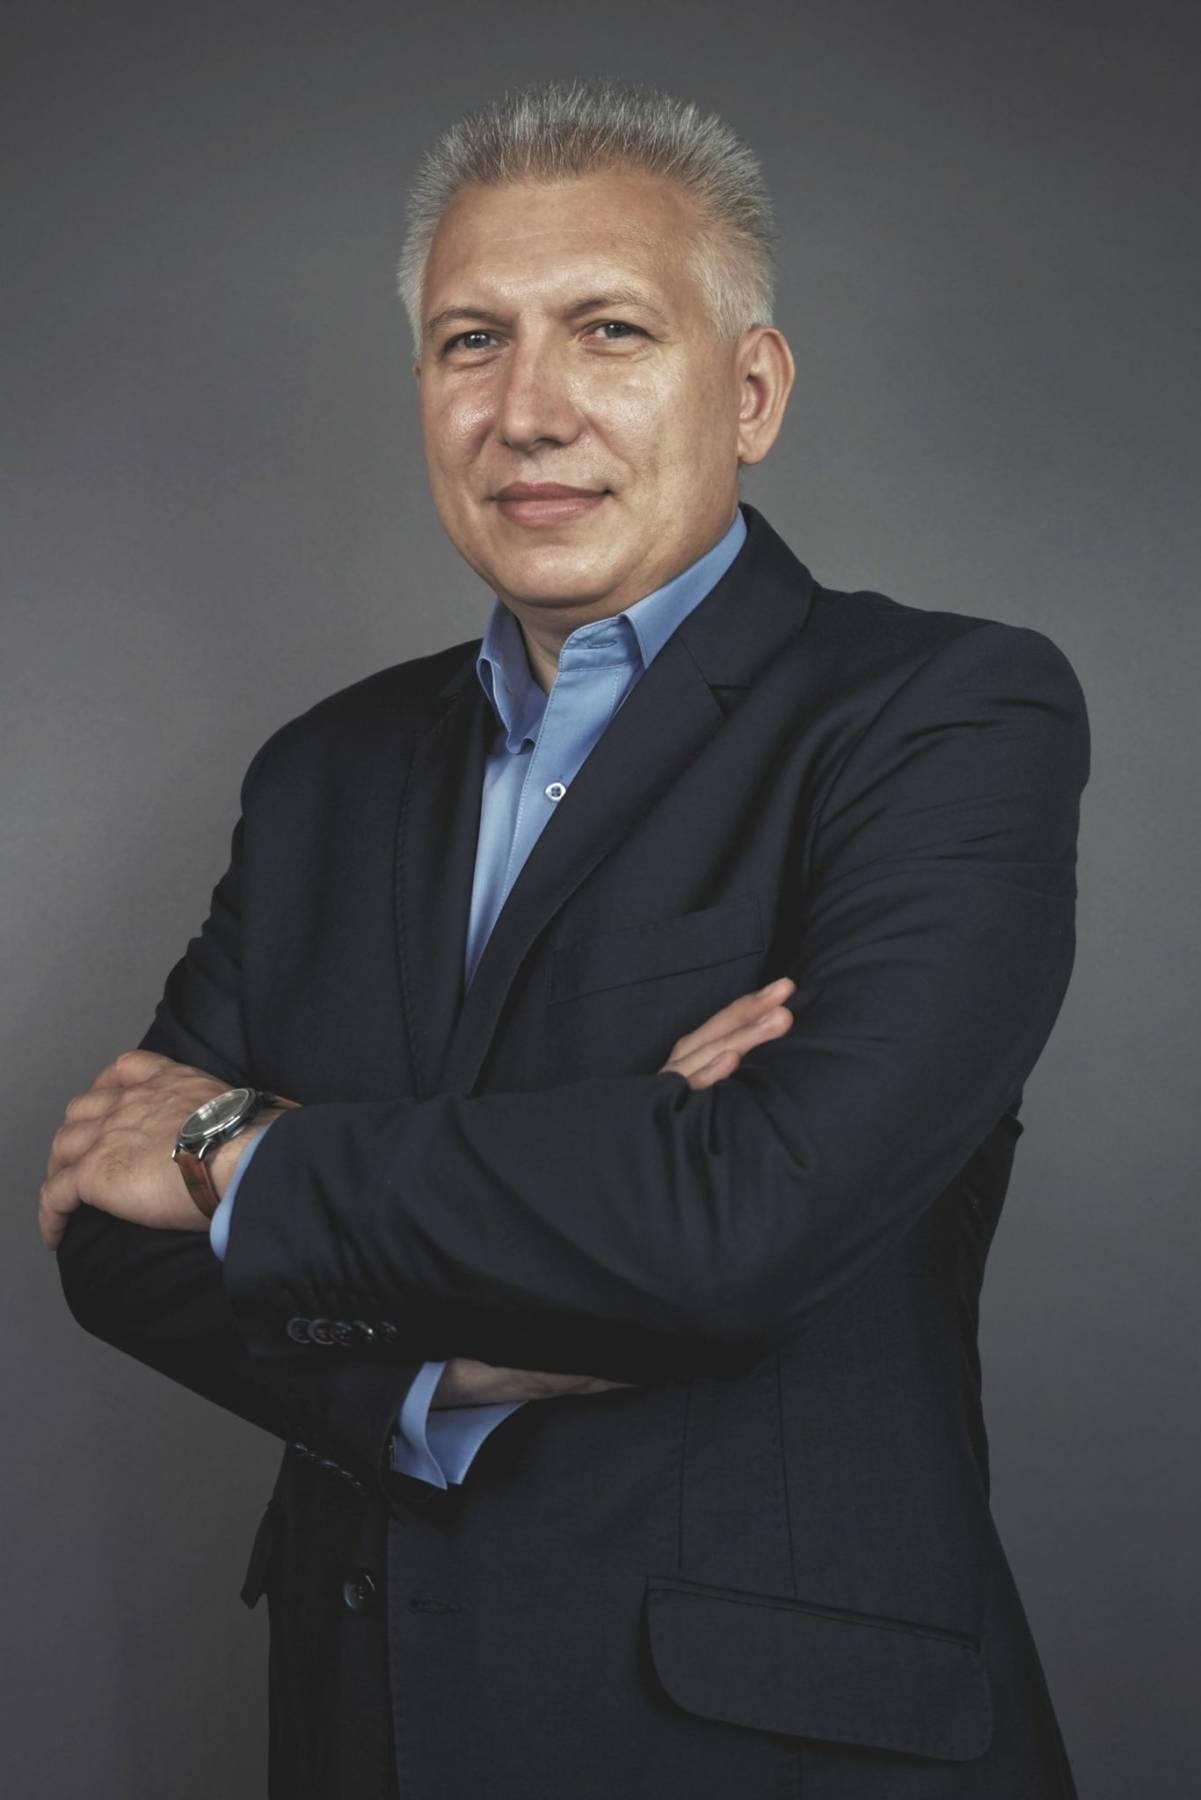 Piotr Jankiewicz, Łódź